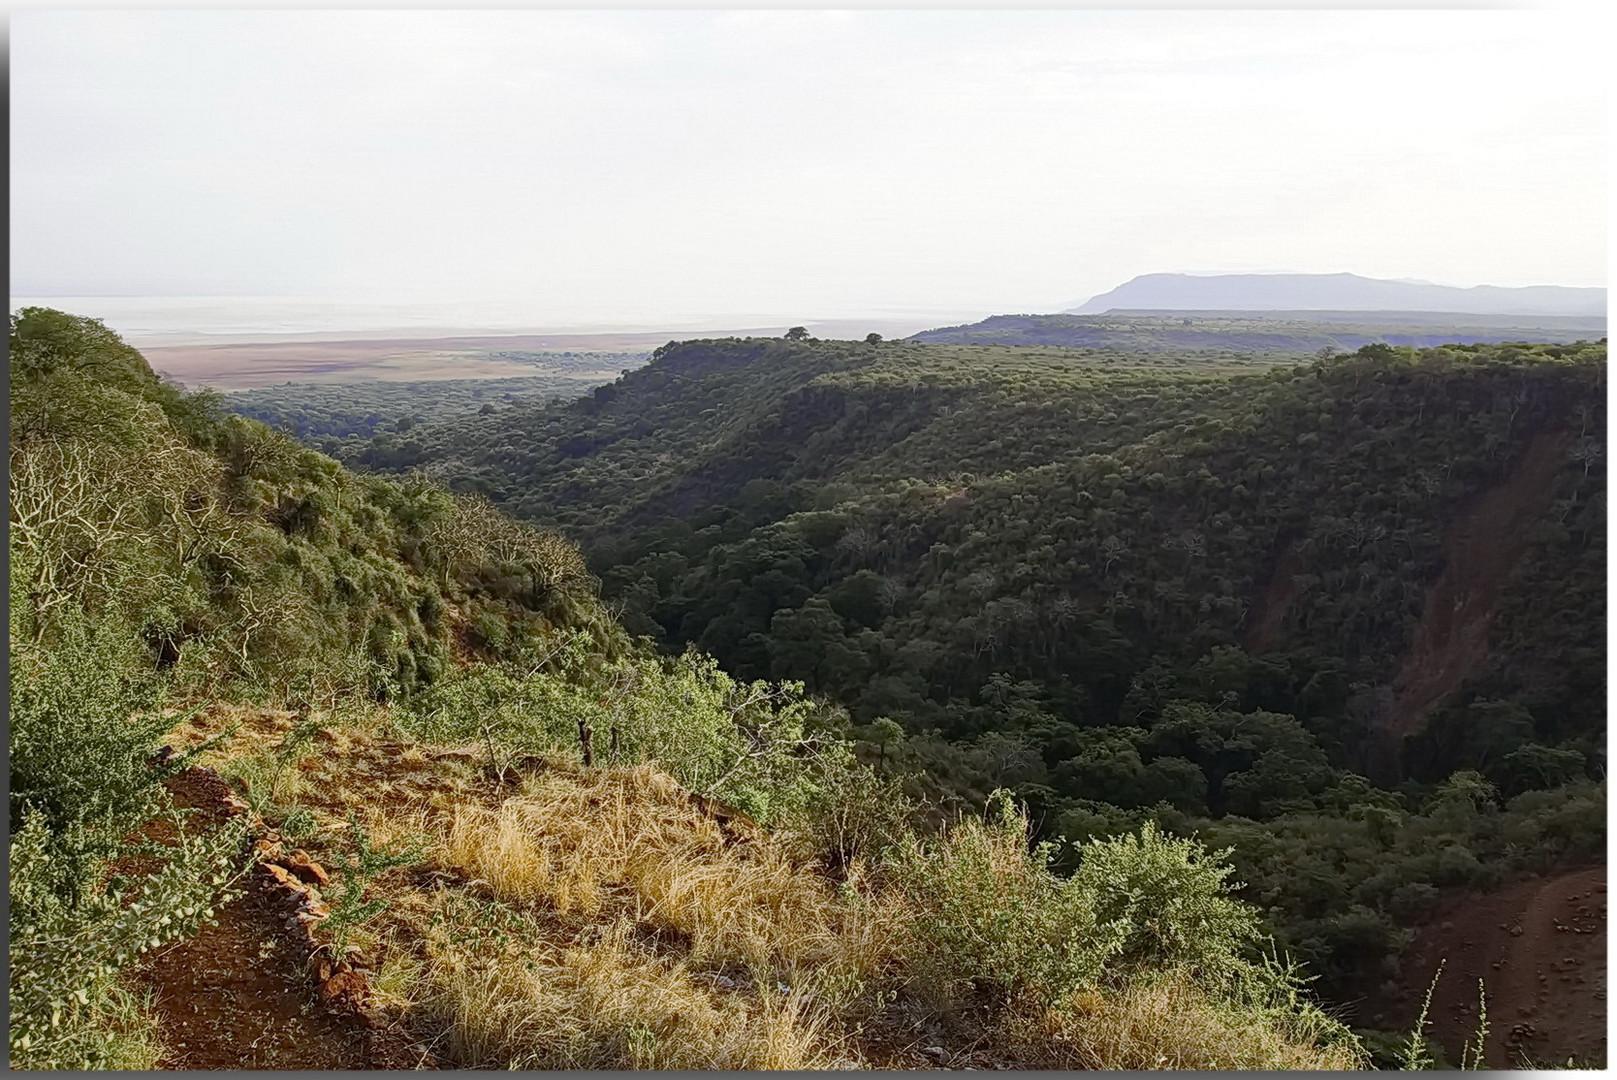 Der Große Afrikanische Grabenbruch (engl. Great Rift Valley)